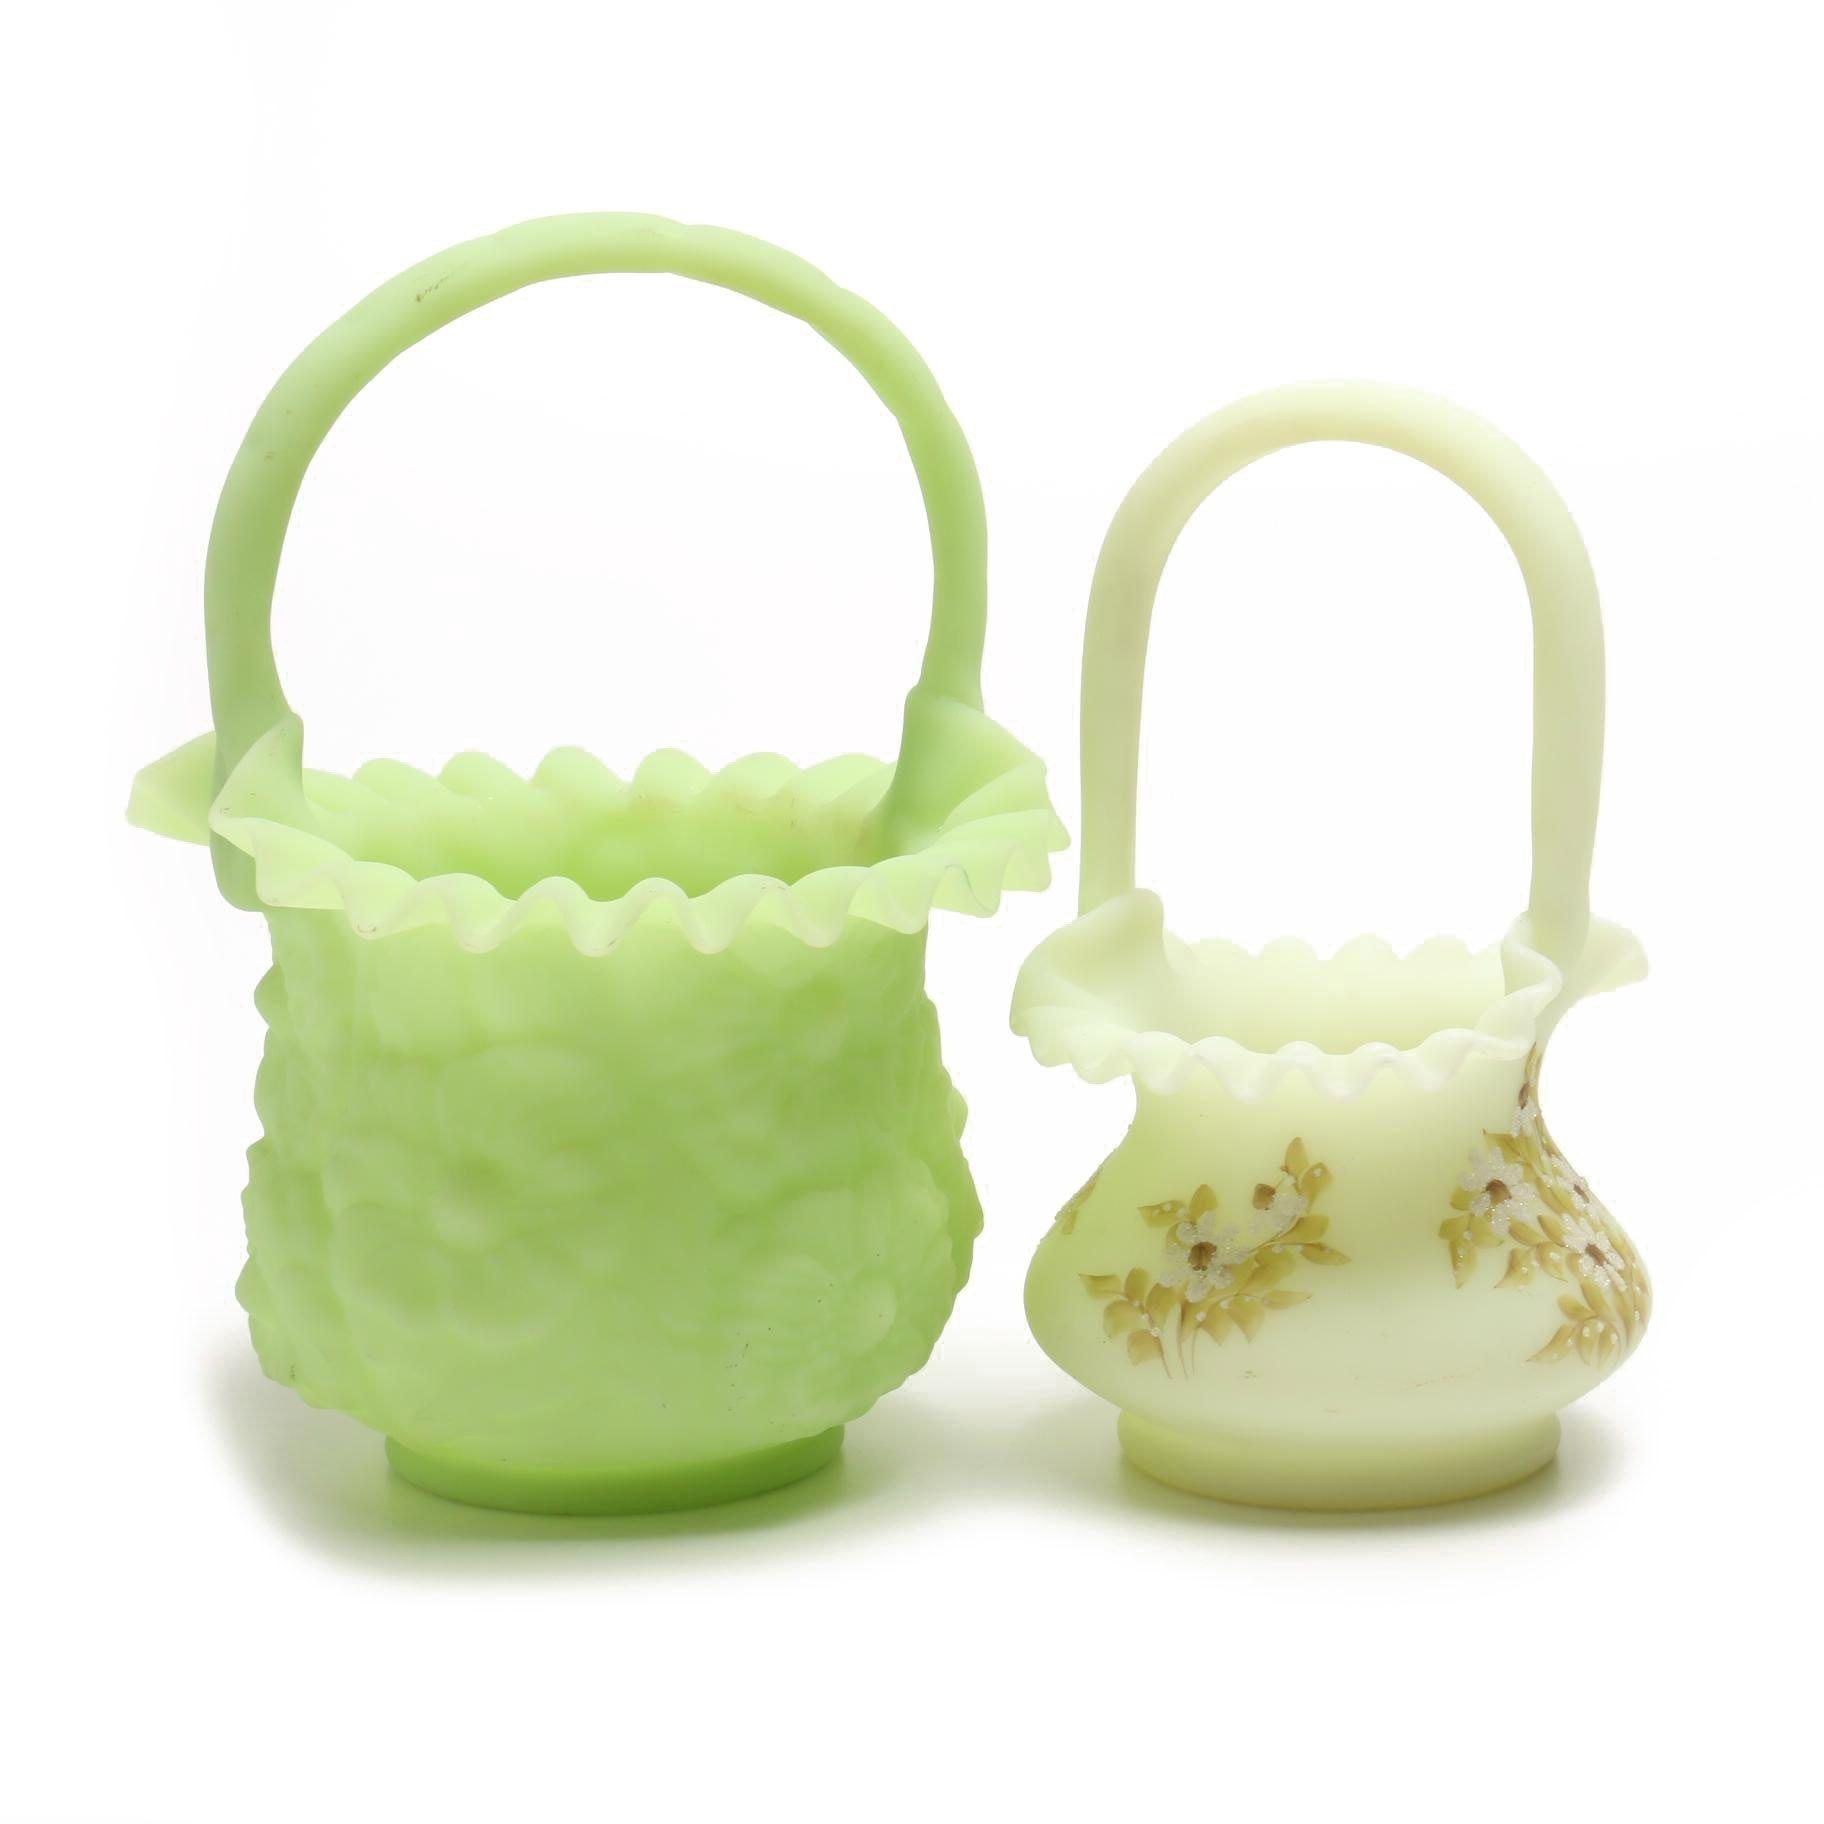 Pair of Art Glass Baskets